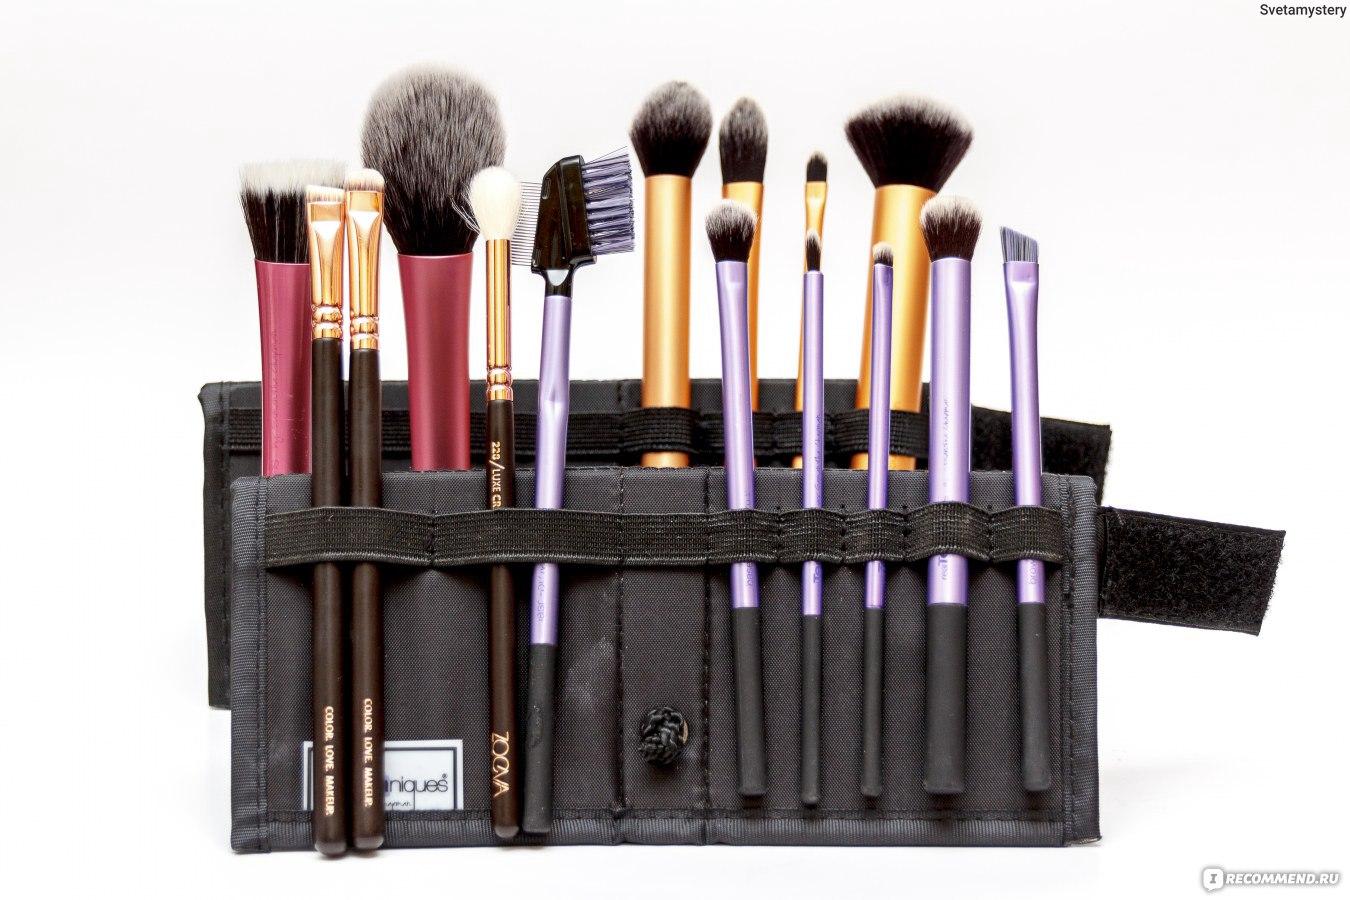 Кисти для макияжа нужны ли они